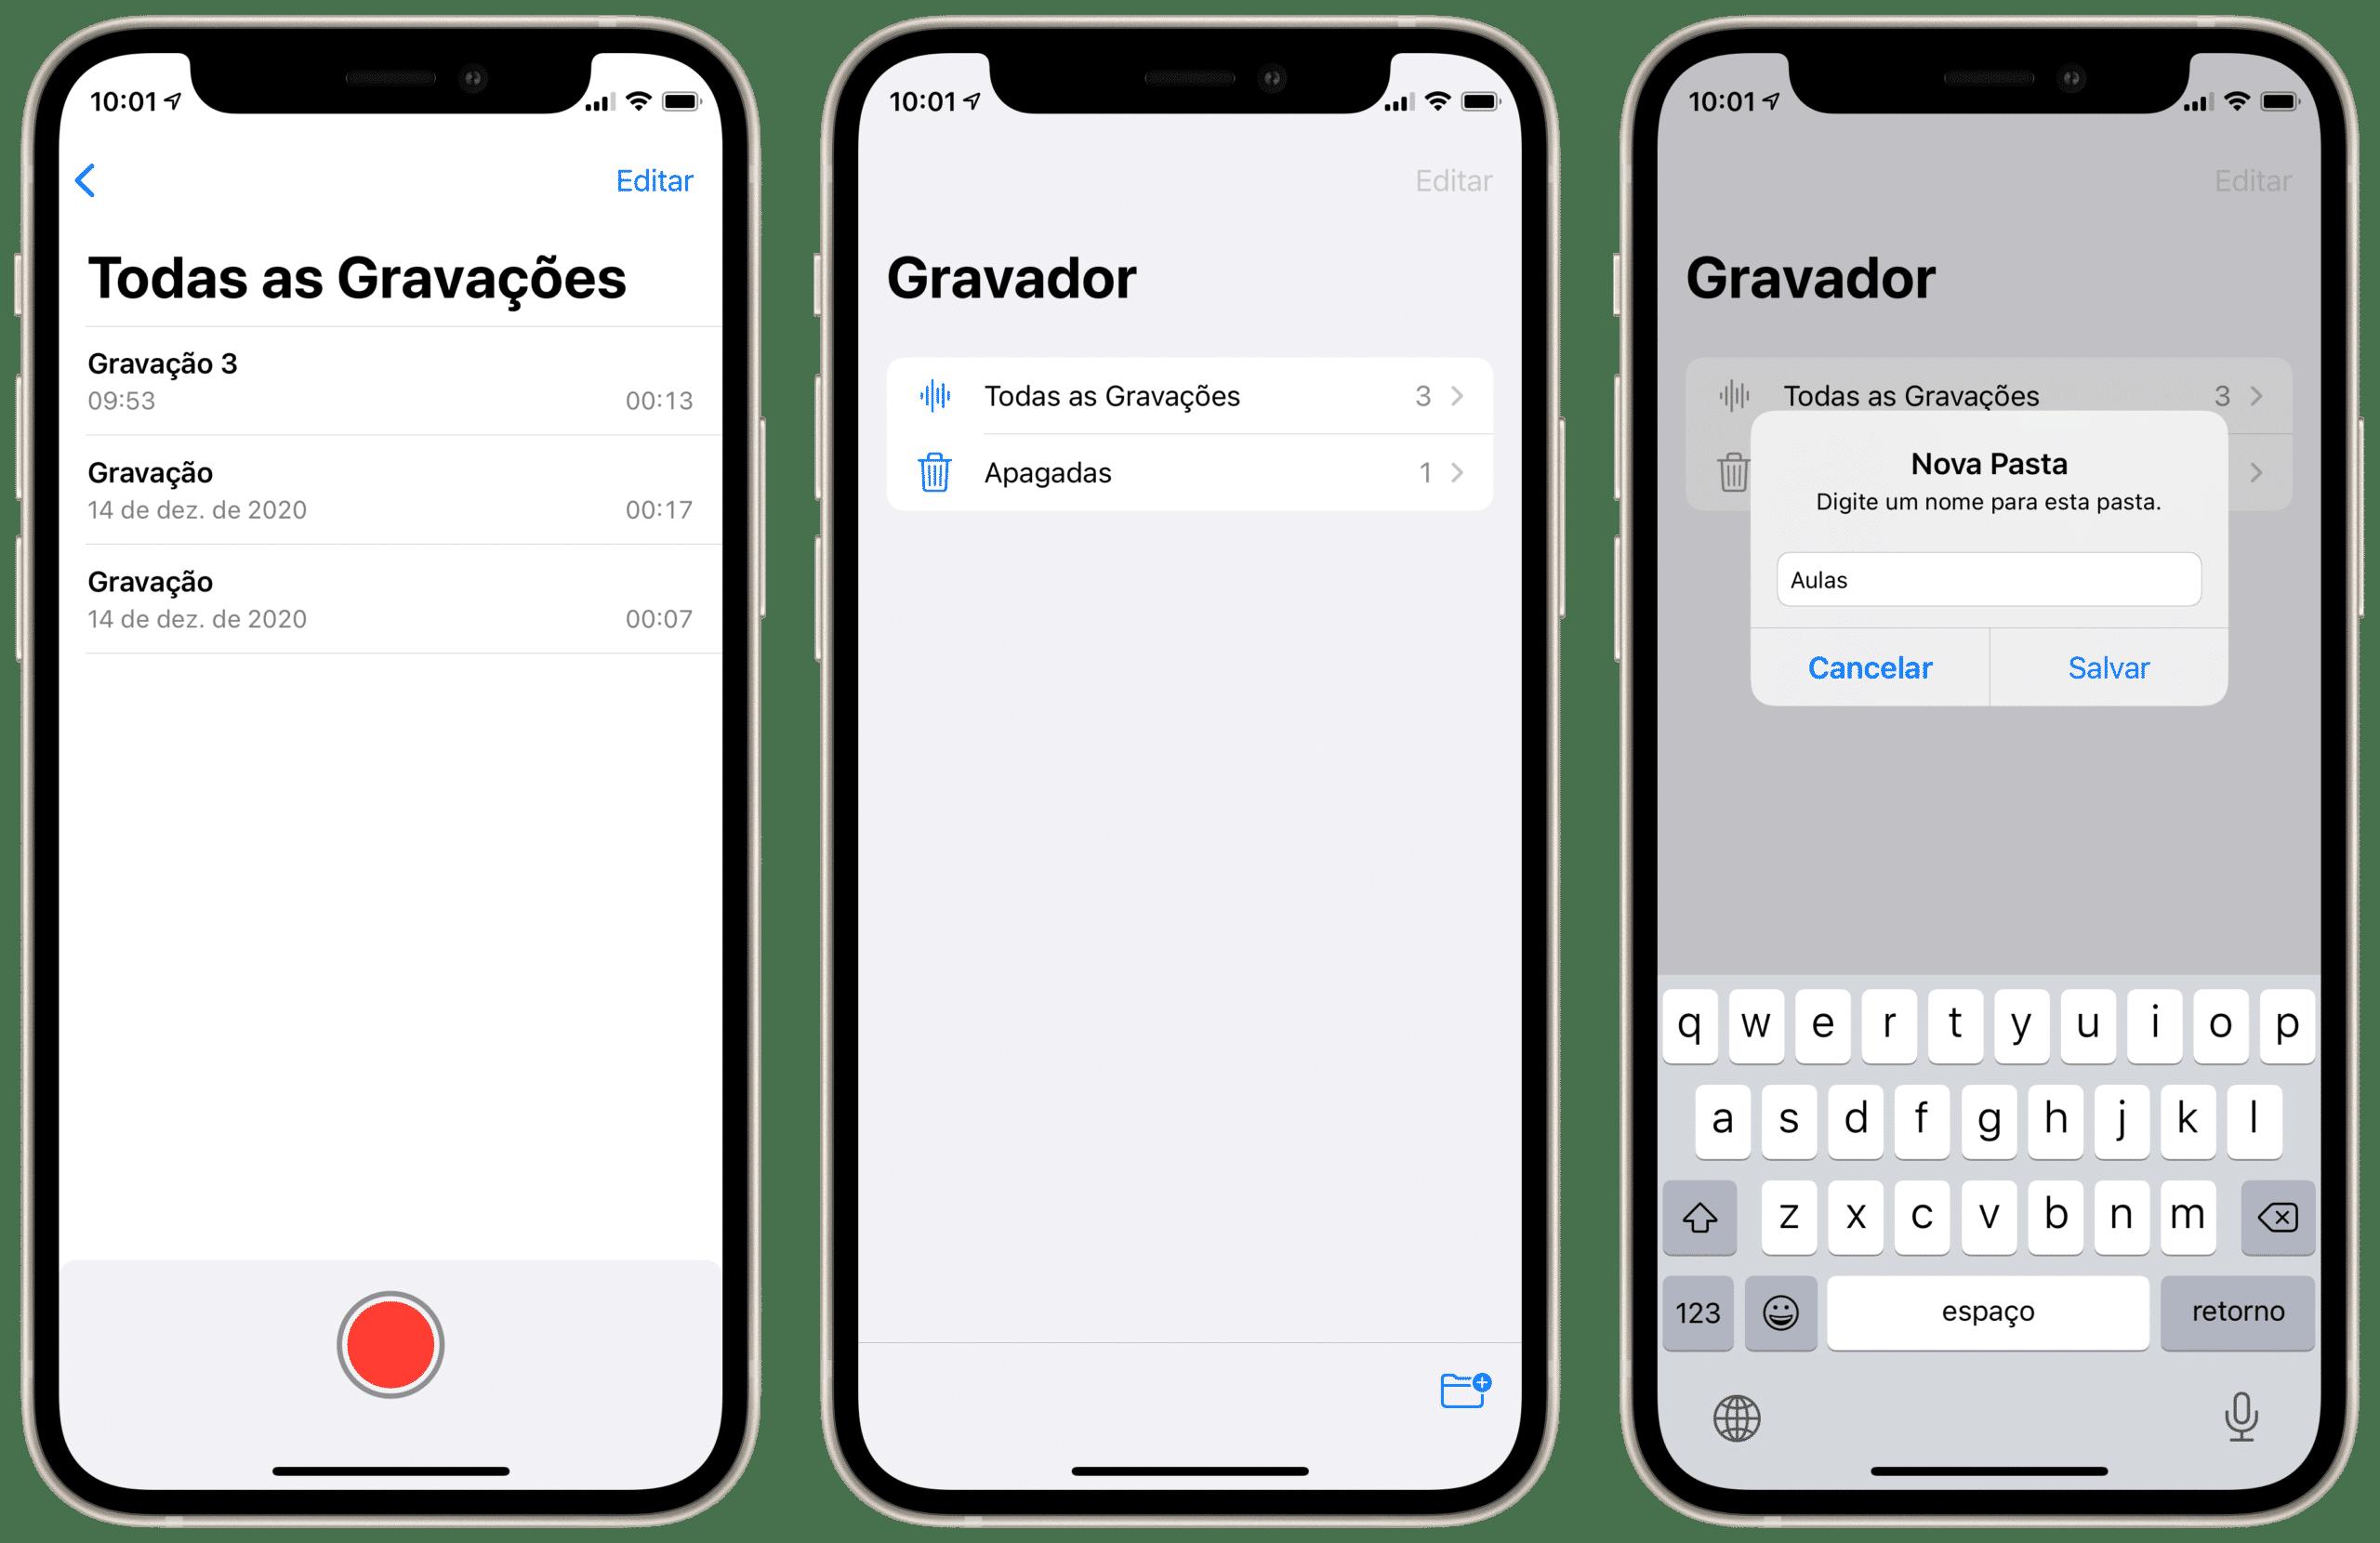 Organizando gravações no iOS